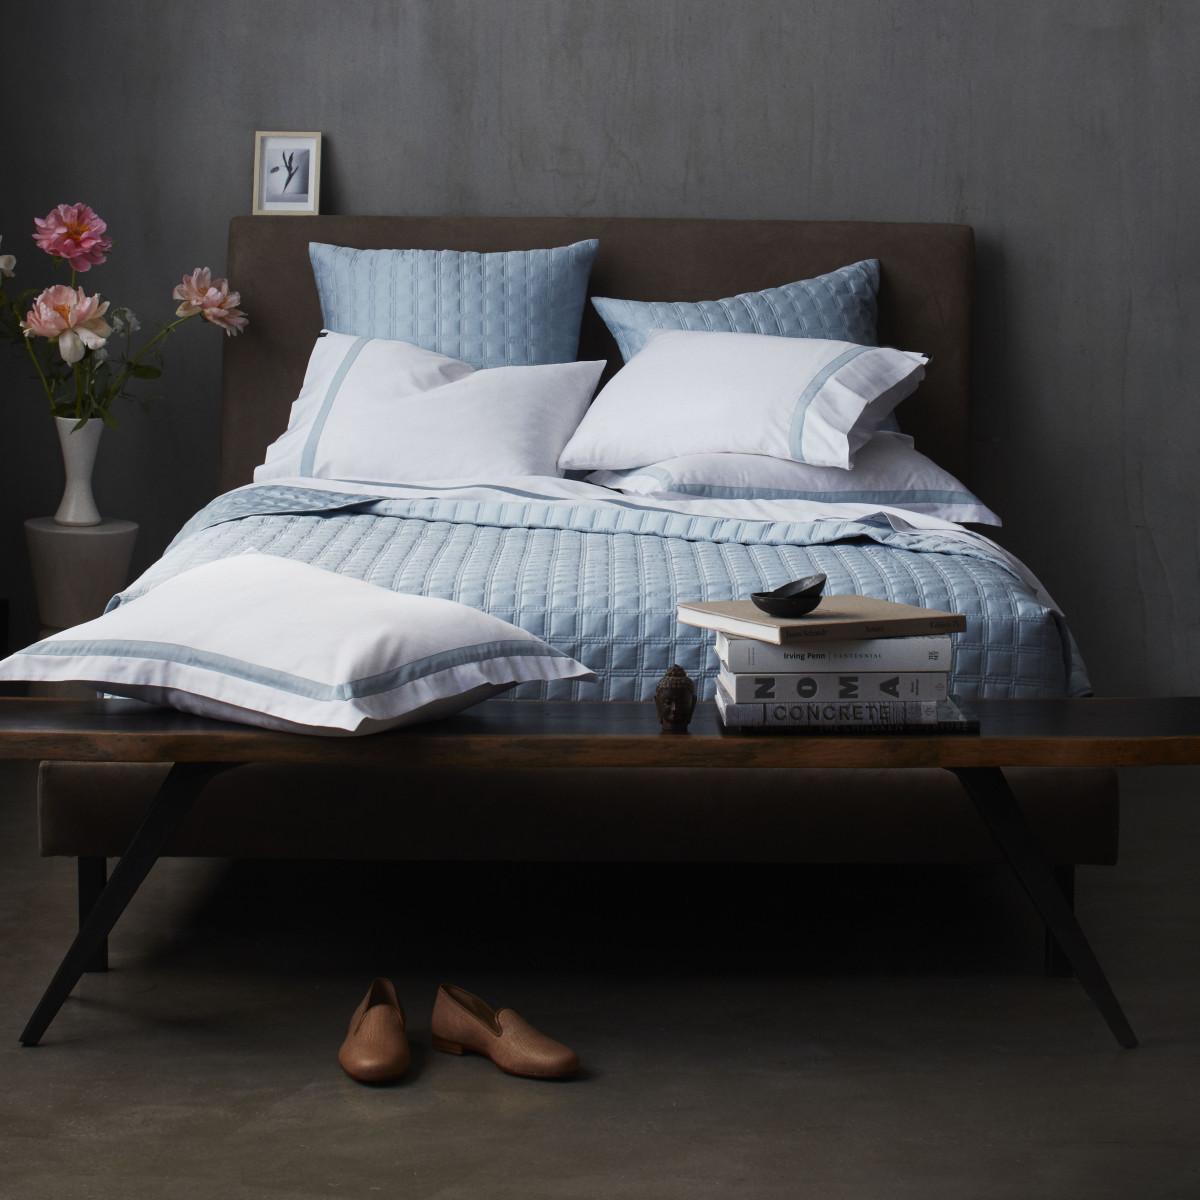 10 Grove bedding Mercer